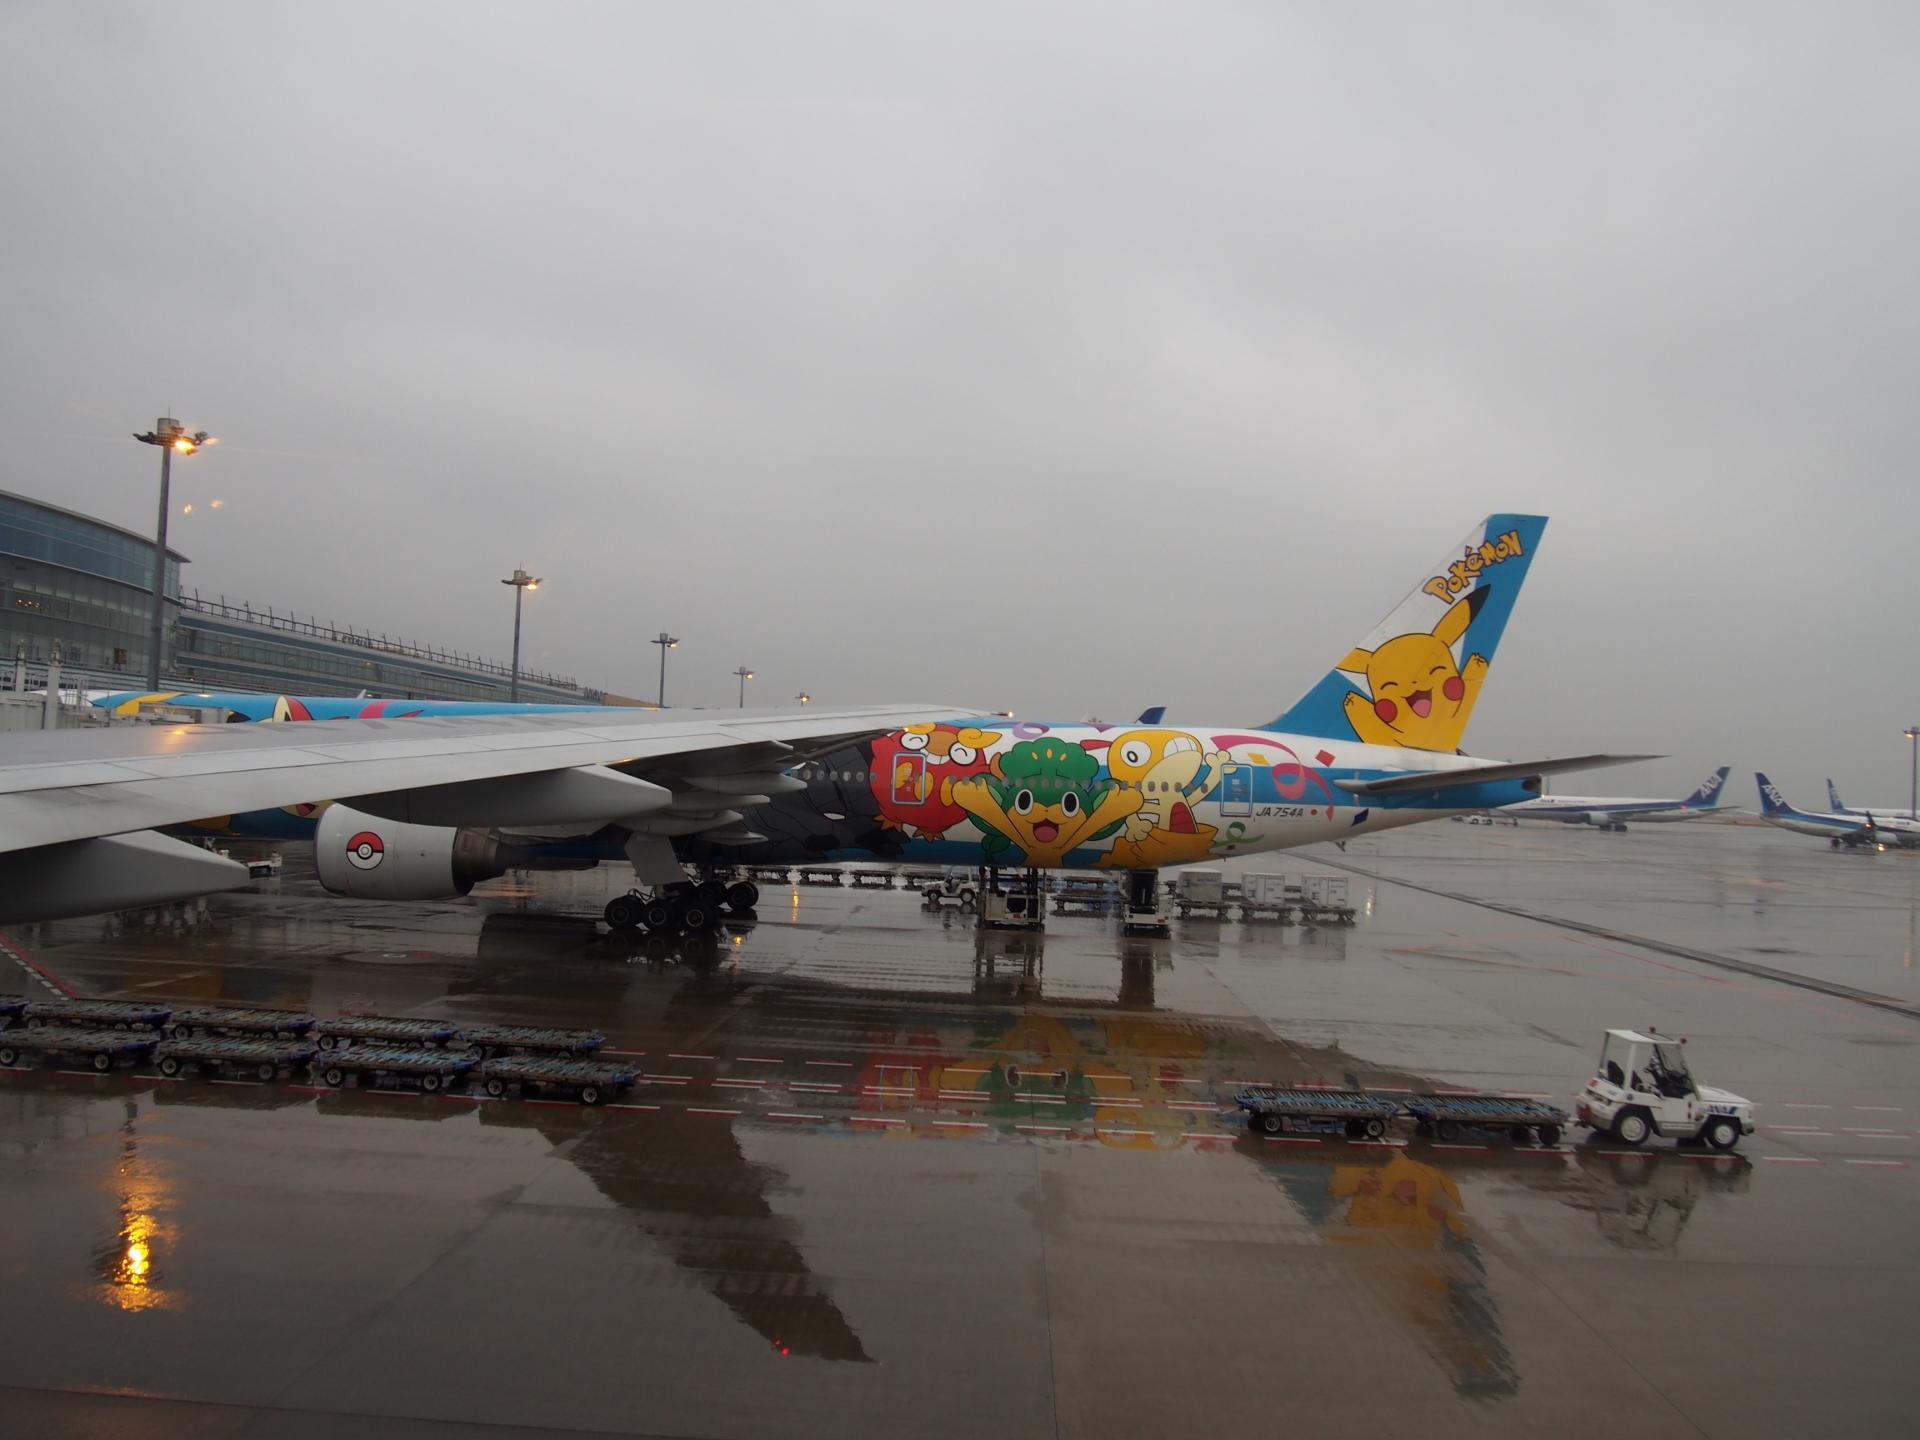 ピース☆ジェット・JA754A機です。